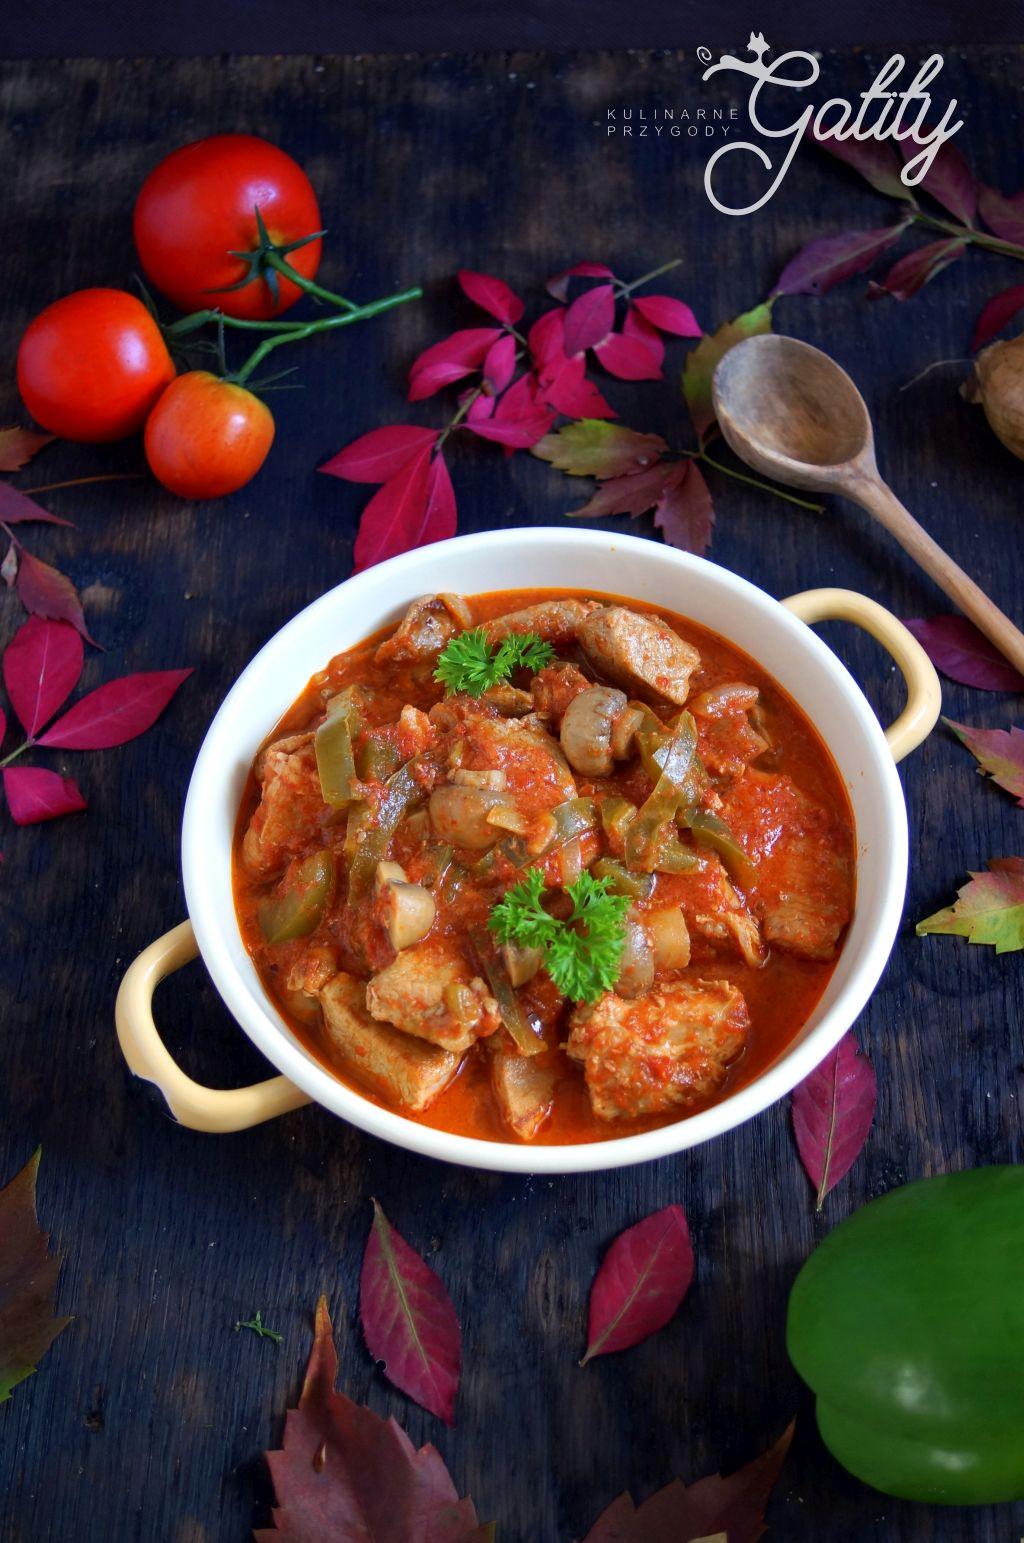 kawalki-miesa-w-czerwonym-sosie